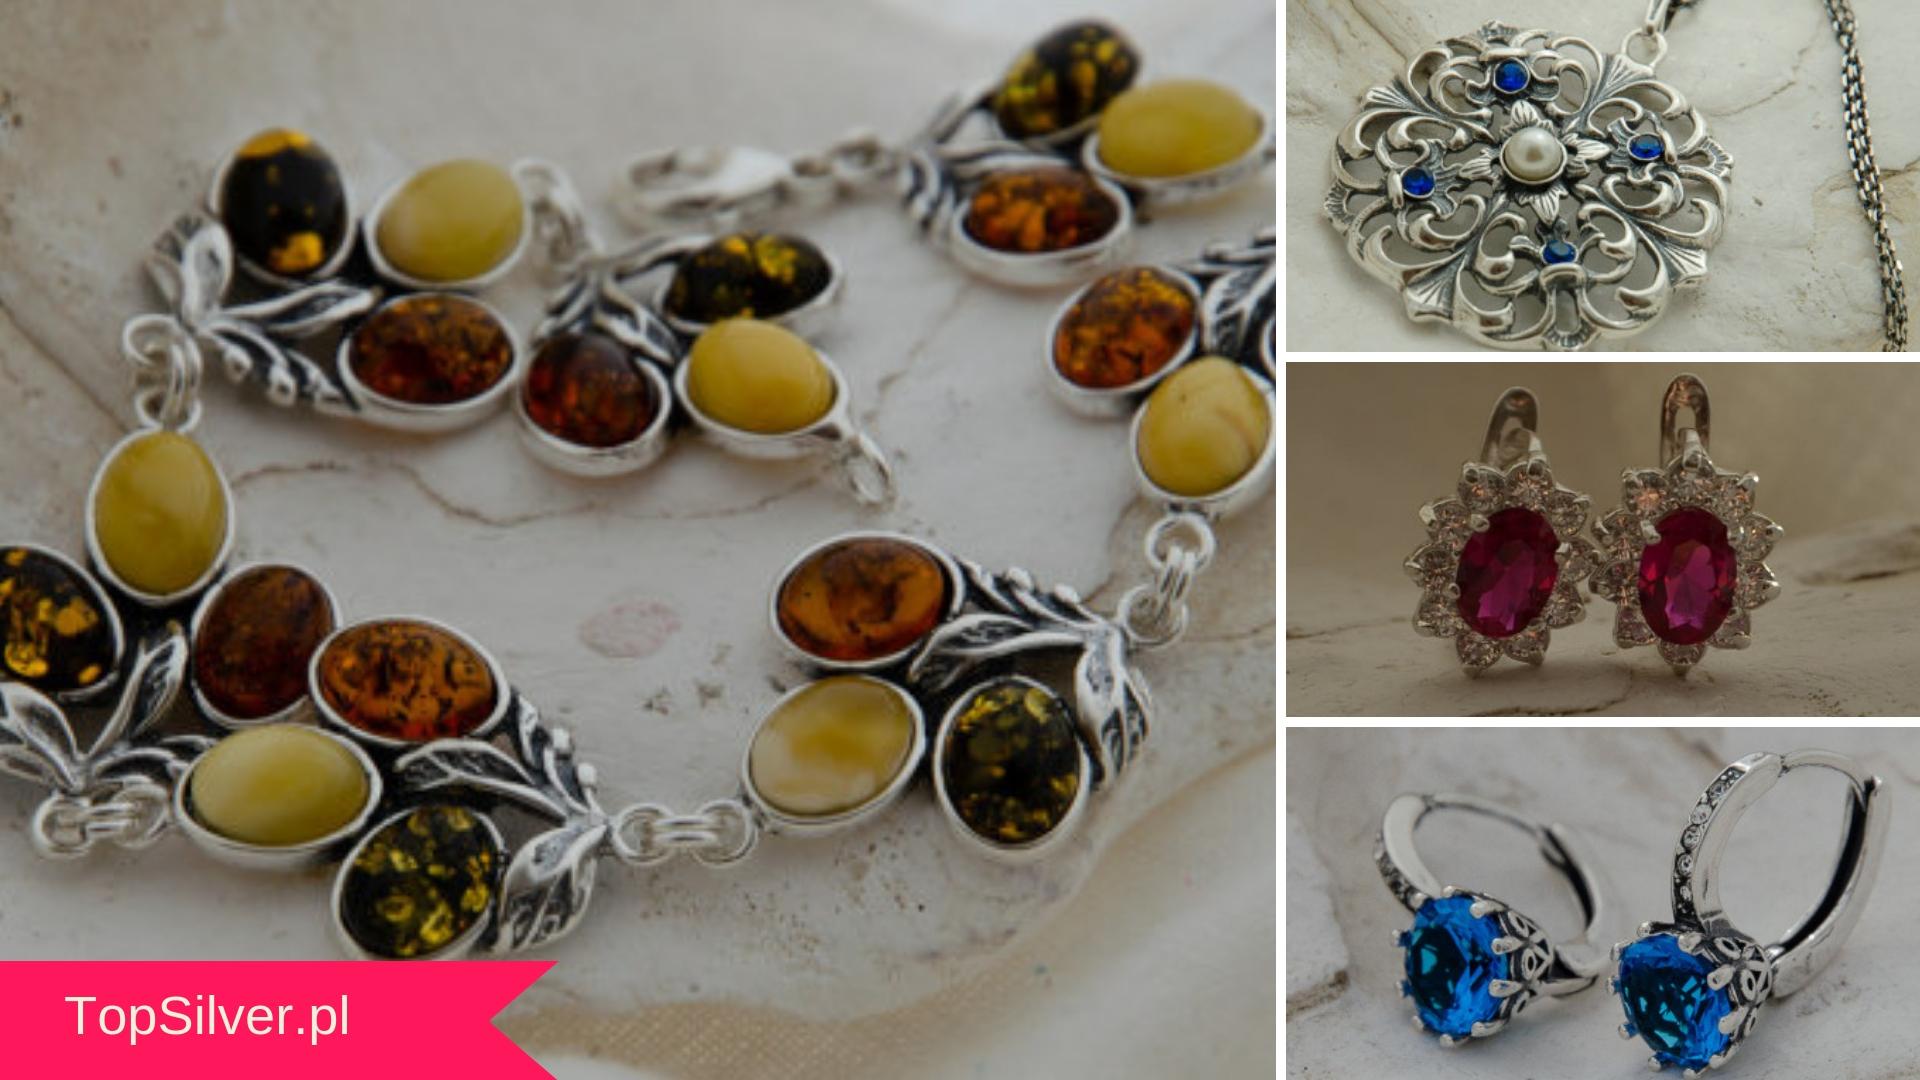 Biżuteria - pomysł na prezent na urodziny dla dojrzałej kobiety